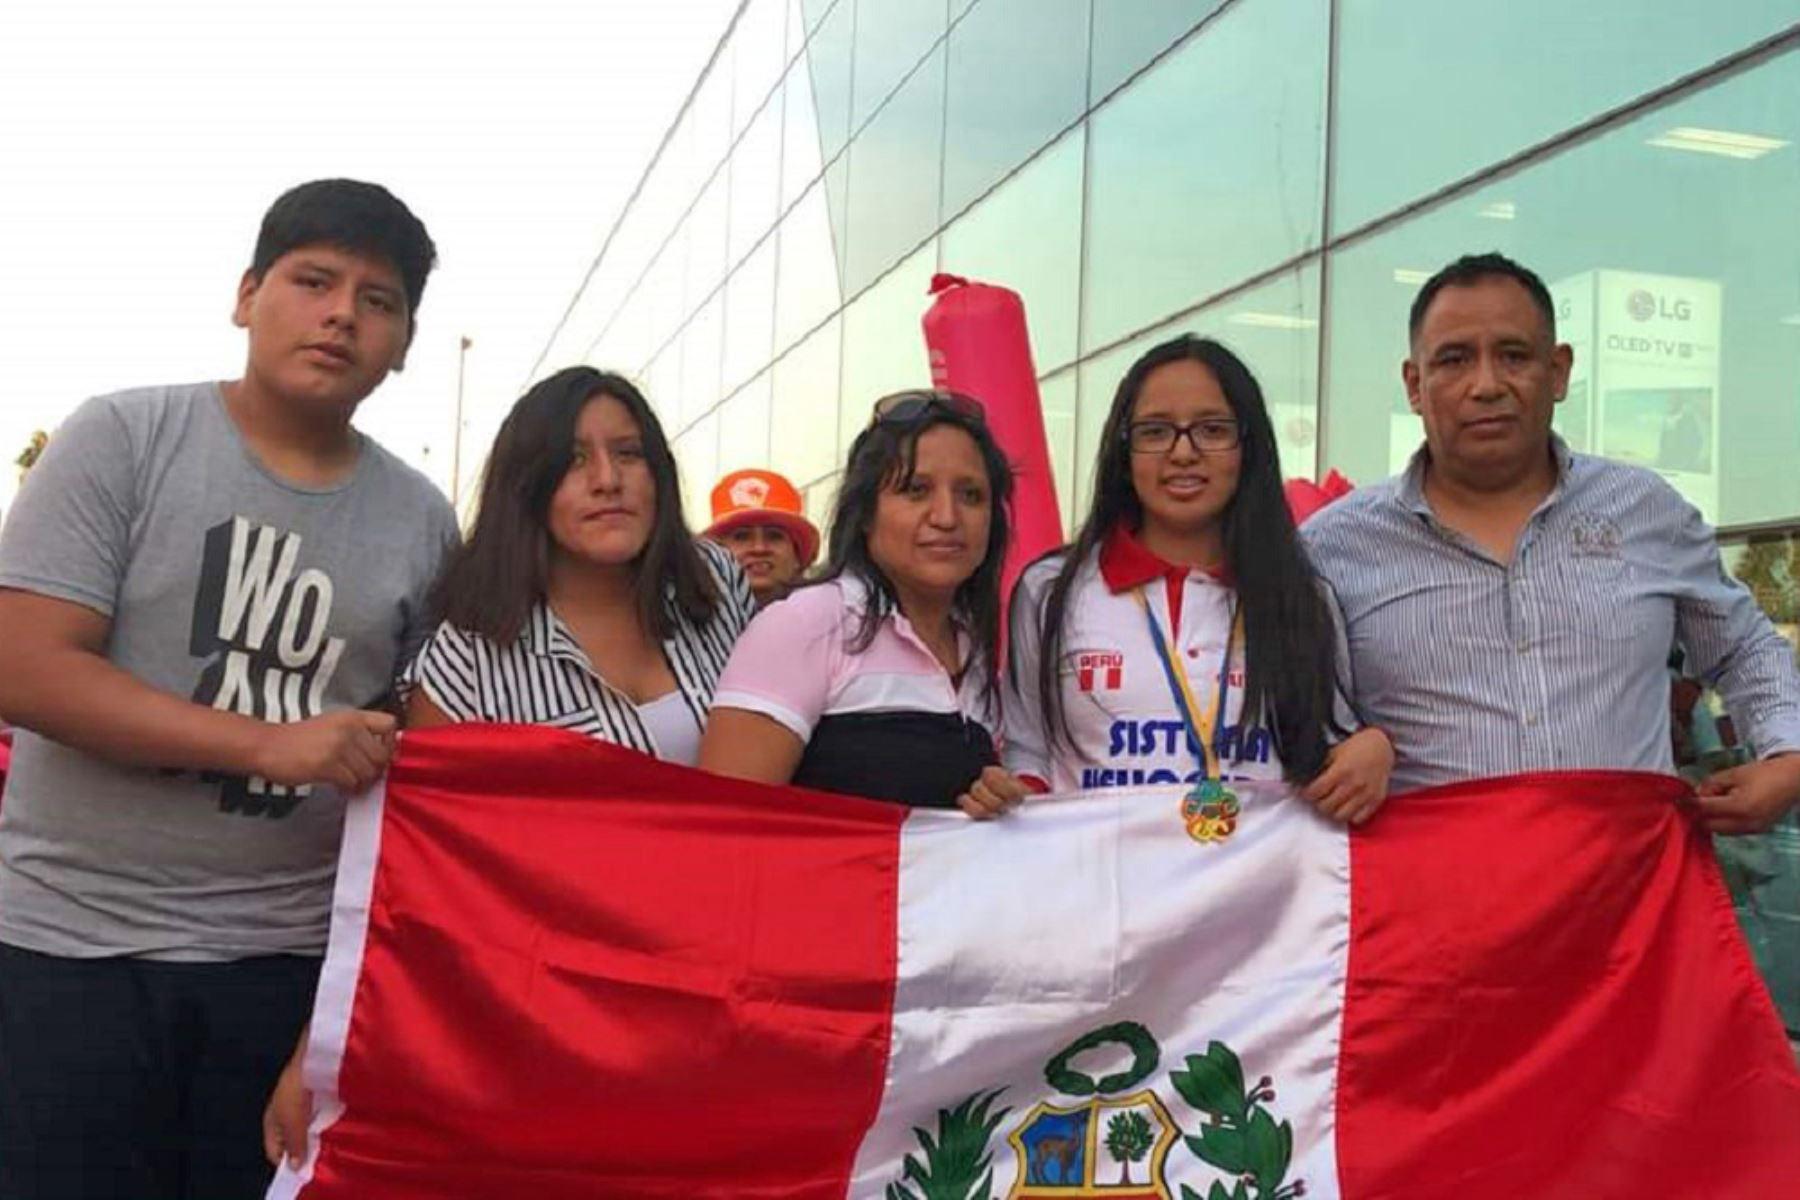 Carla Fermín Jiménez junto a su familia. Este año ganó su tercera medalla de oro consecutiva.